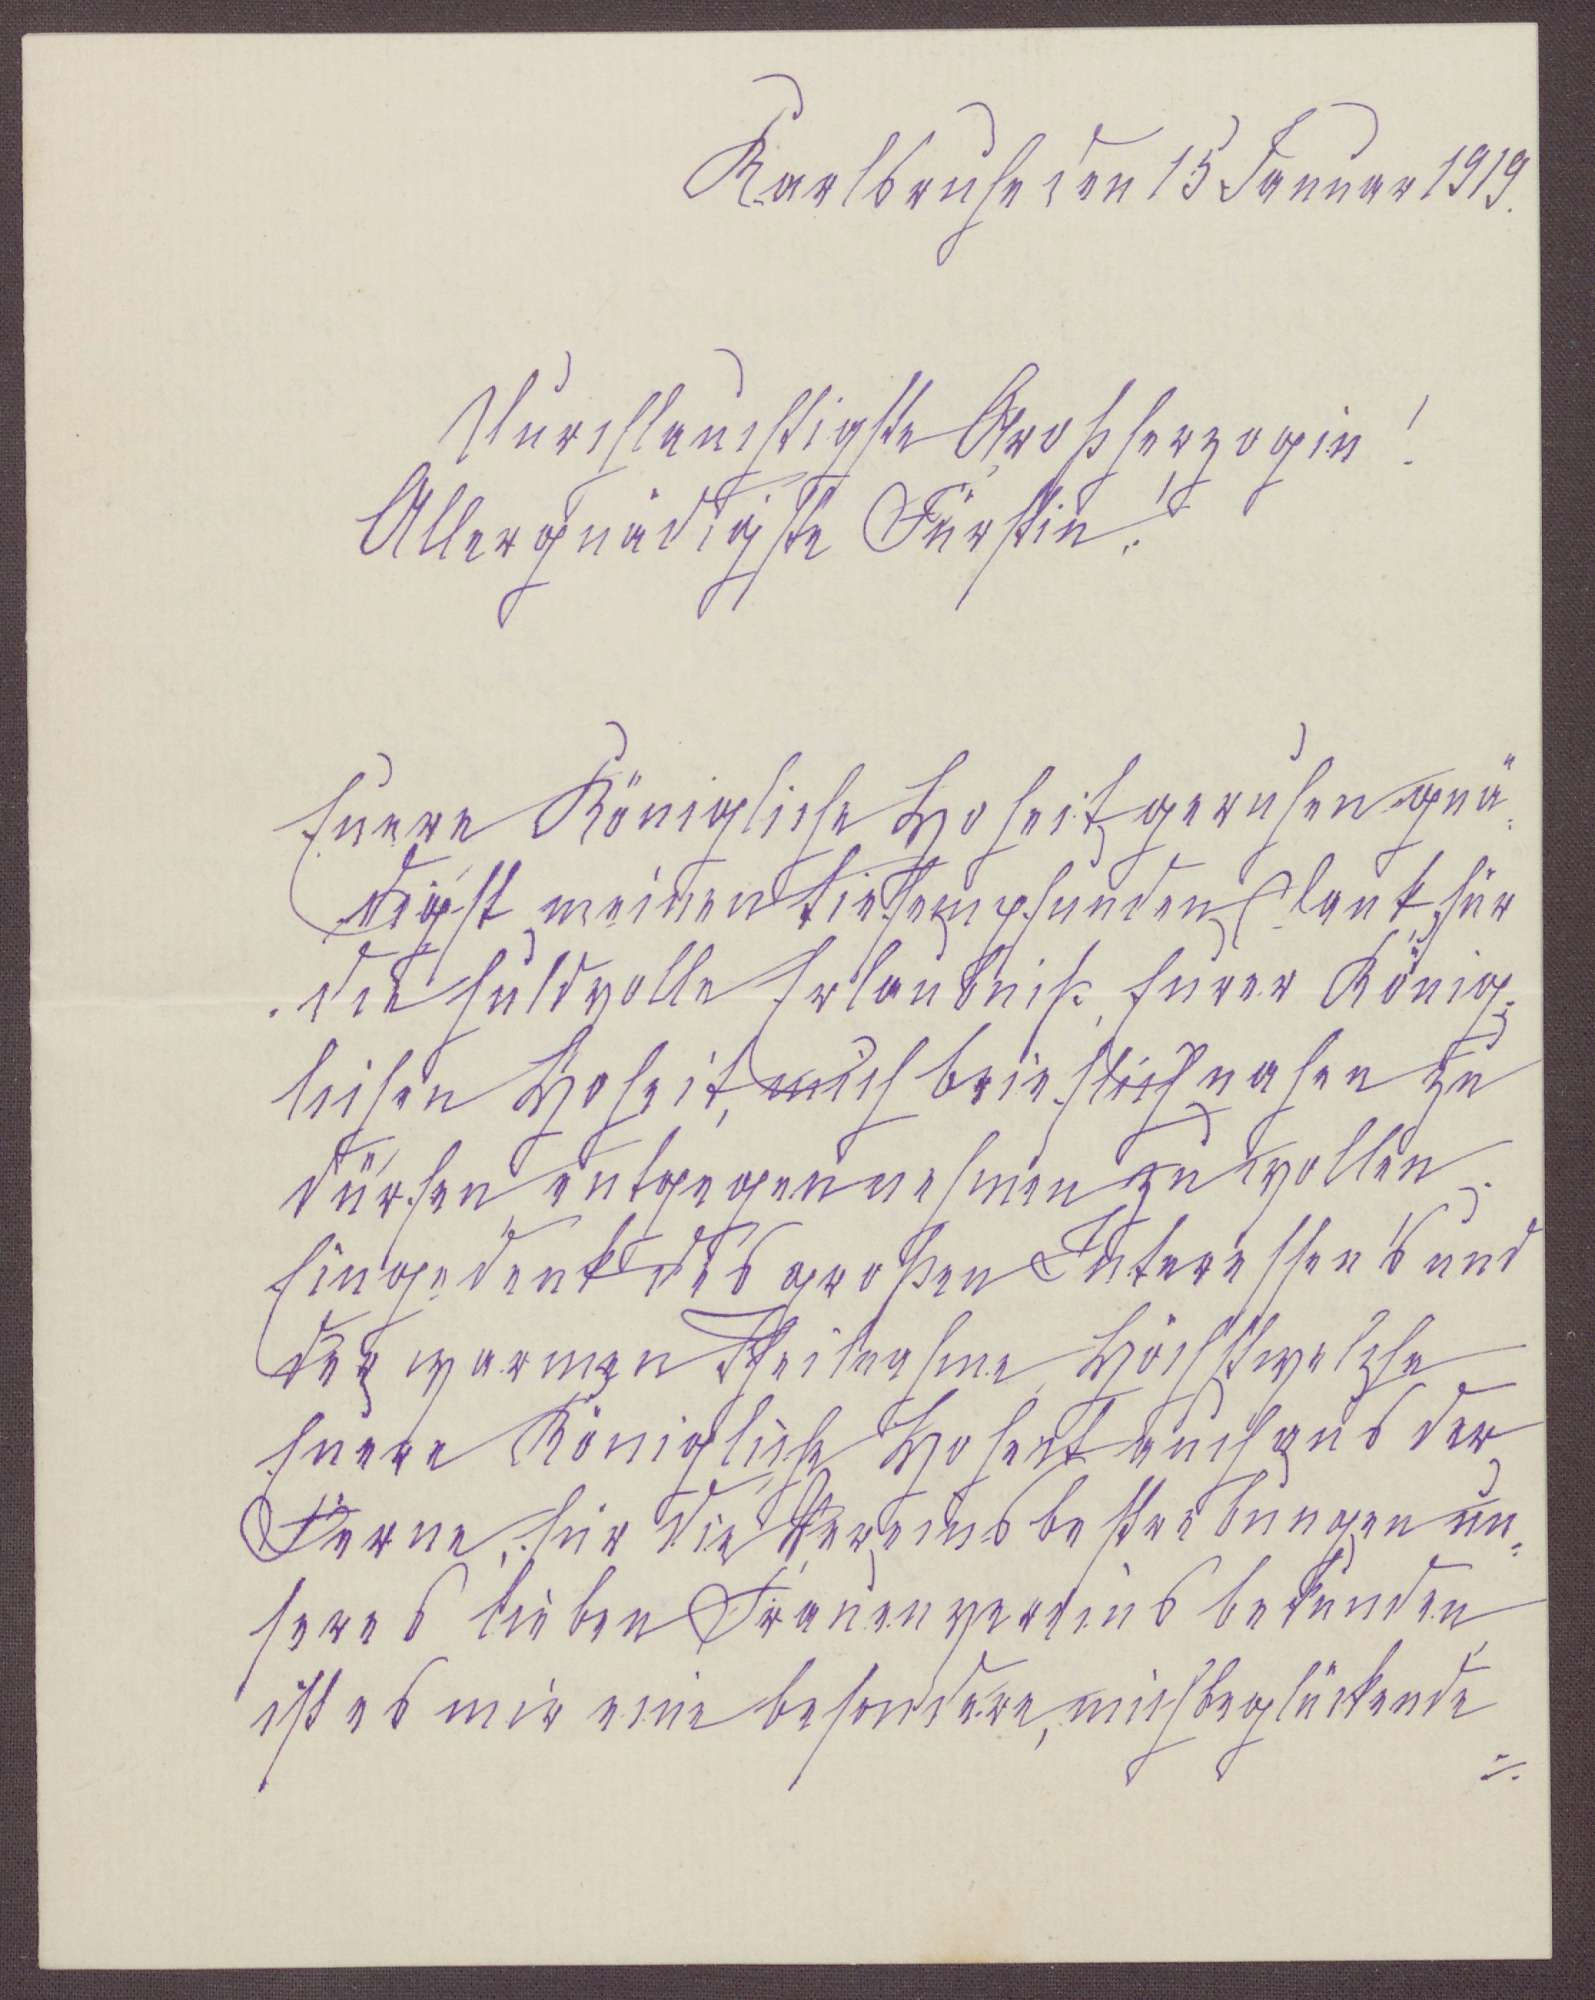 Schreiben von Anna Haas an die Großherzogin Luise; Holz-, Kohle- und Nahrungsmittelspenden und Renovierungsarbeiten in dem Heim, Bild 2